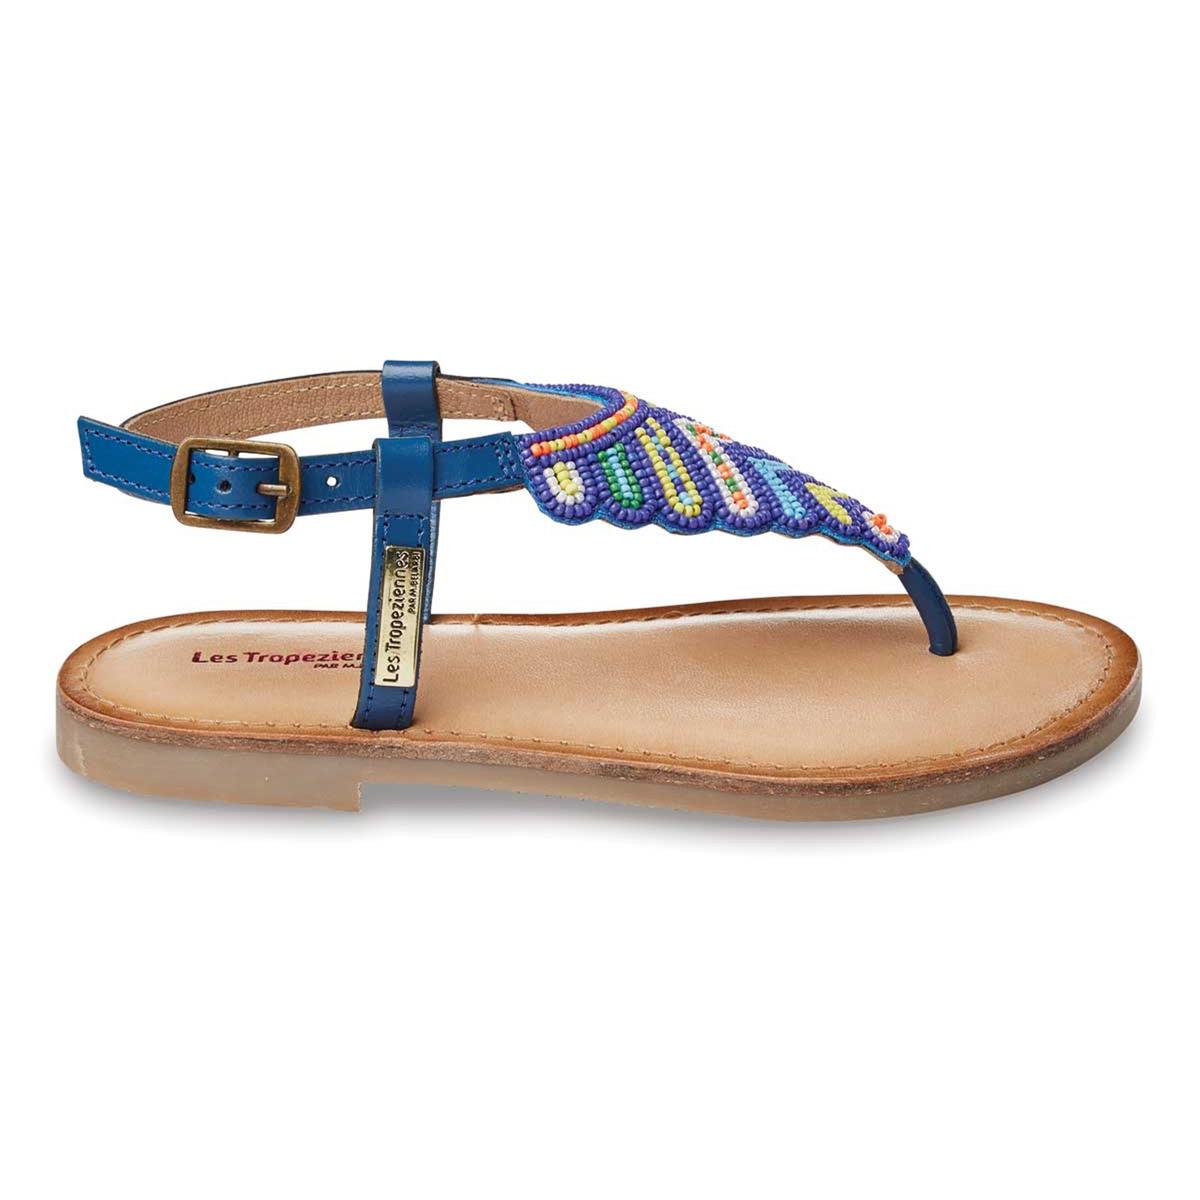 zapatillas Sandalias planas de piel con cuentas NUAGE, con tira entre los dedos